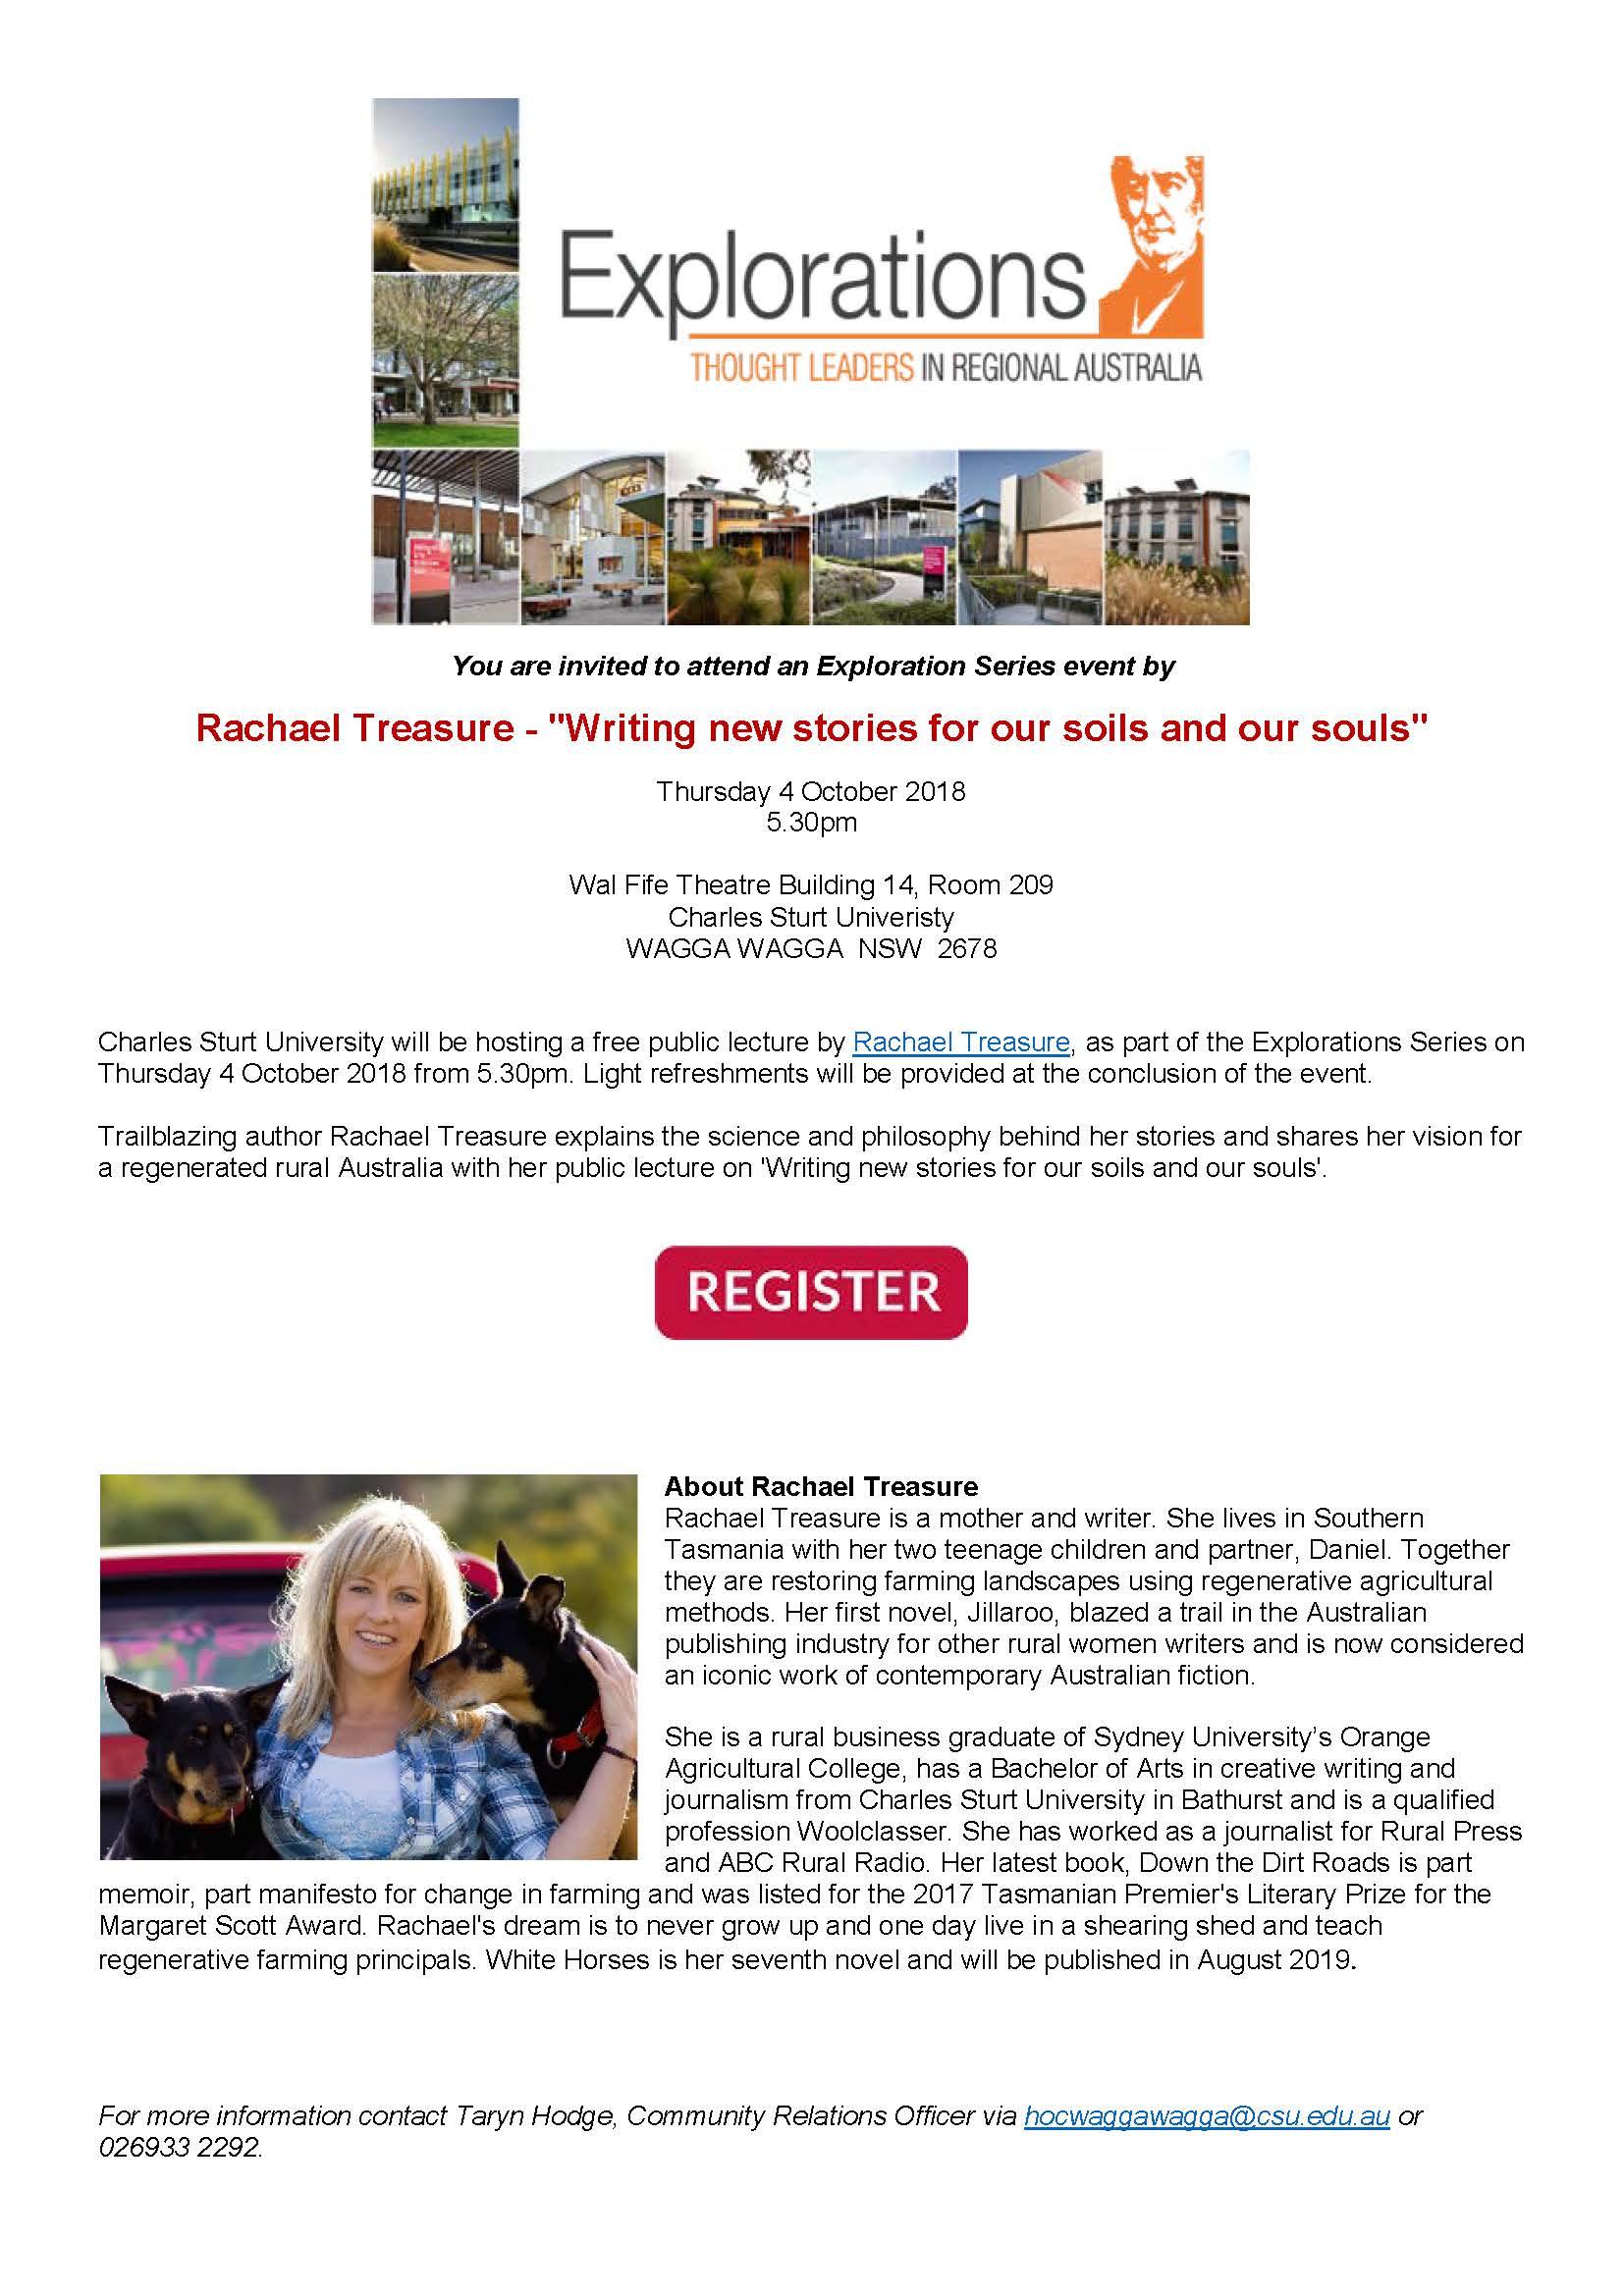 Invitation - Exploration Series Rachael Treasure.jpg